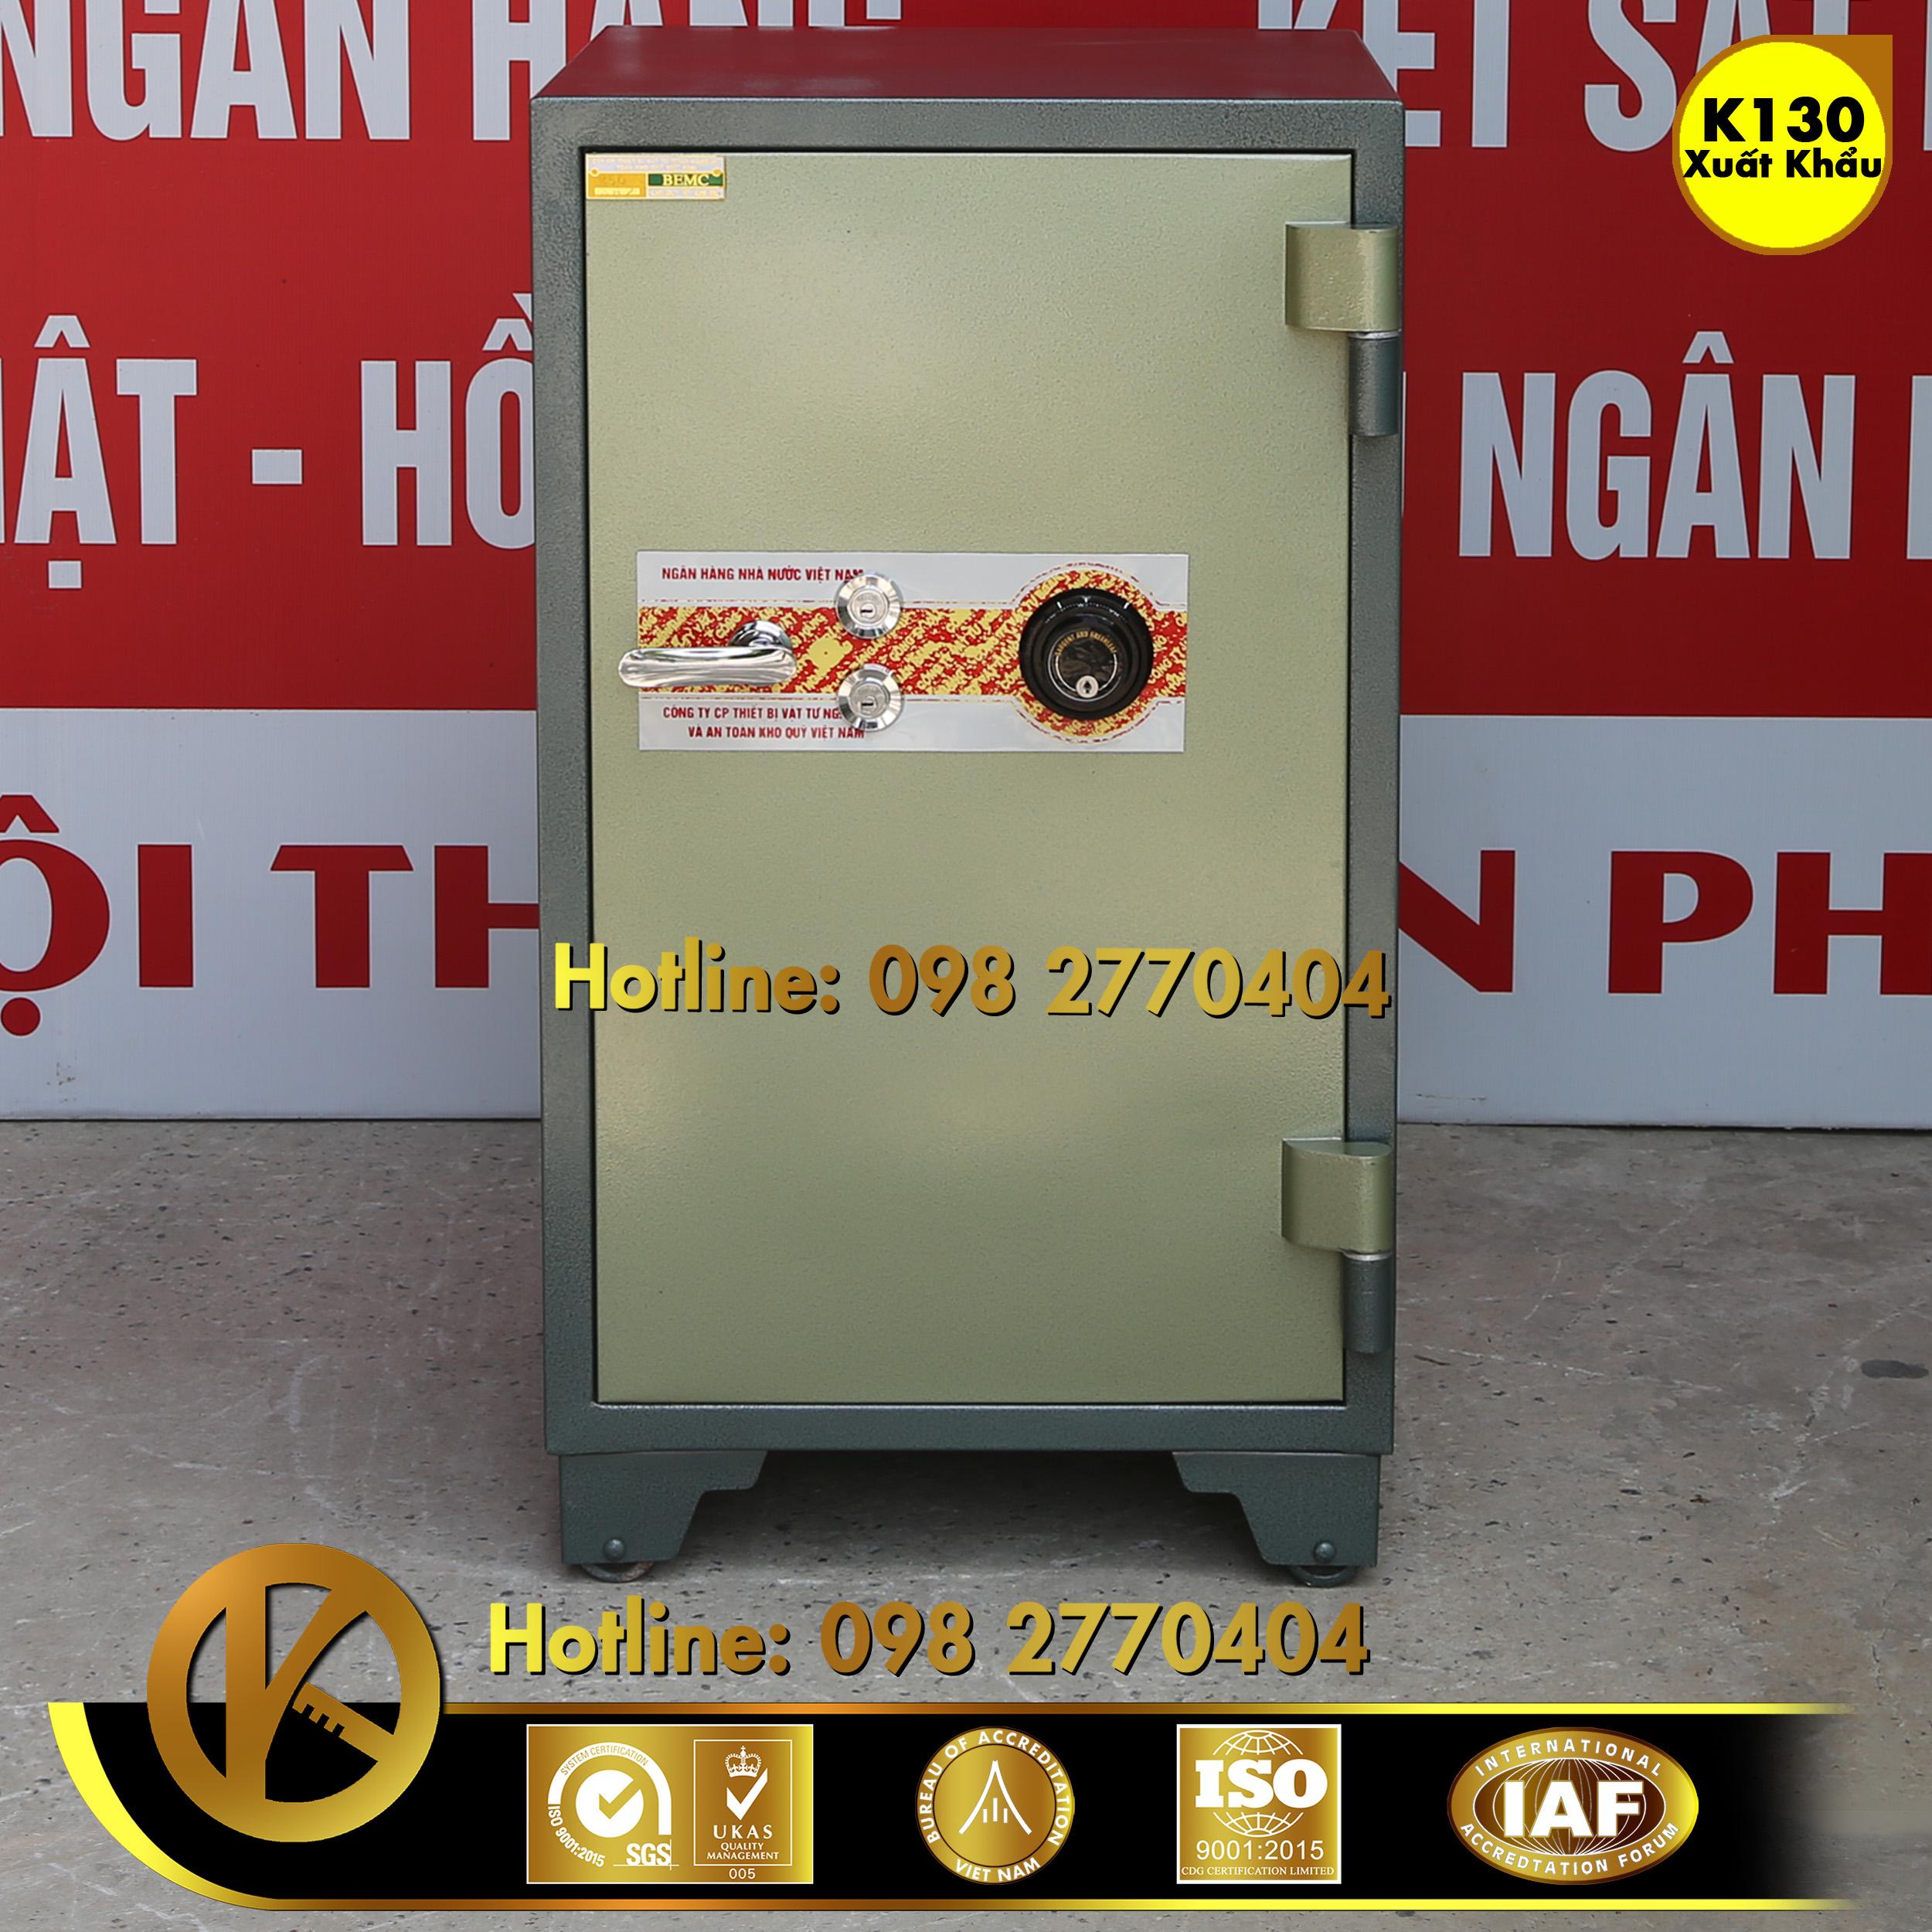 Đặc điểm nổi bật của két sắt dùng cho ngân hàng bemc đm